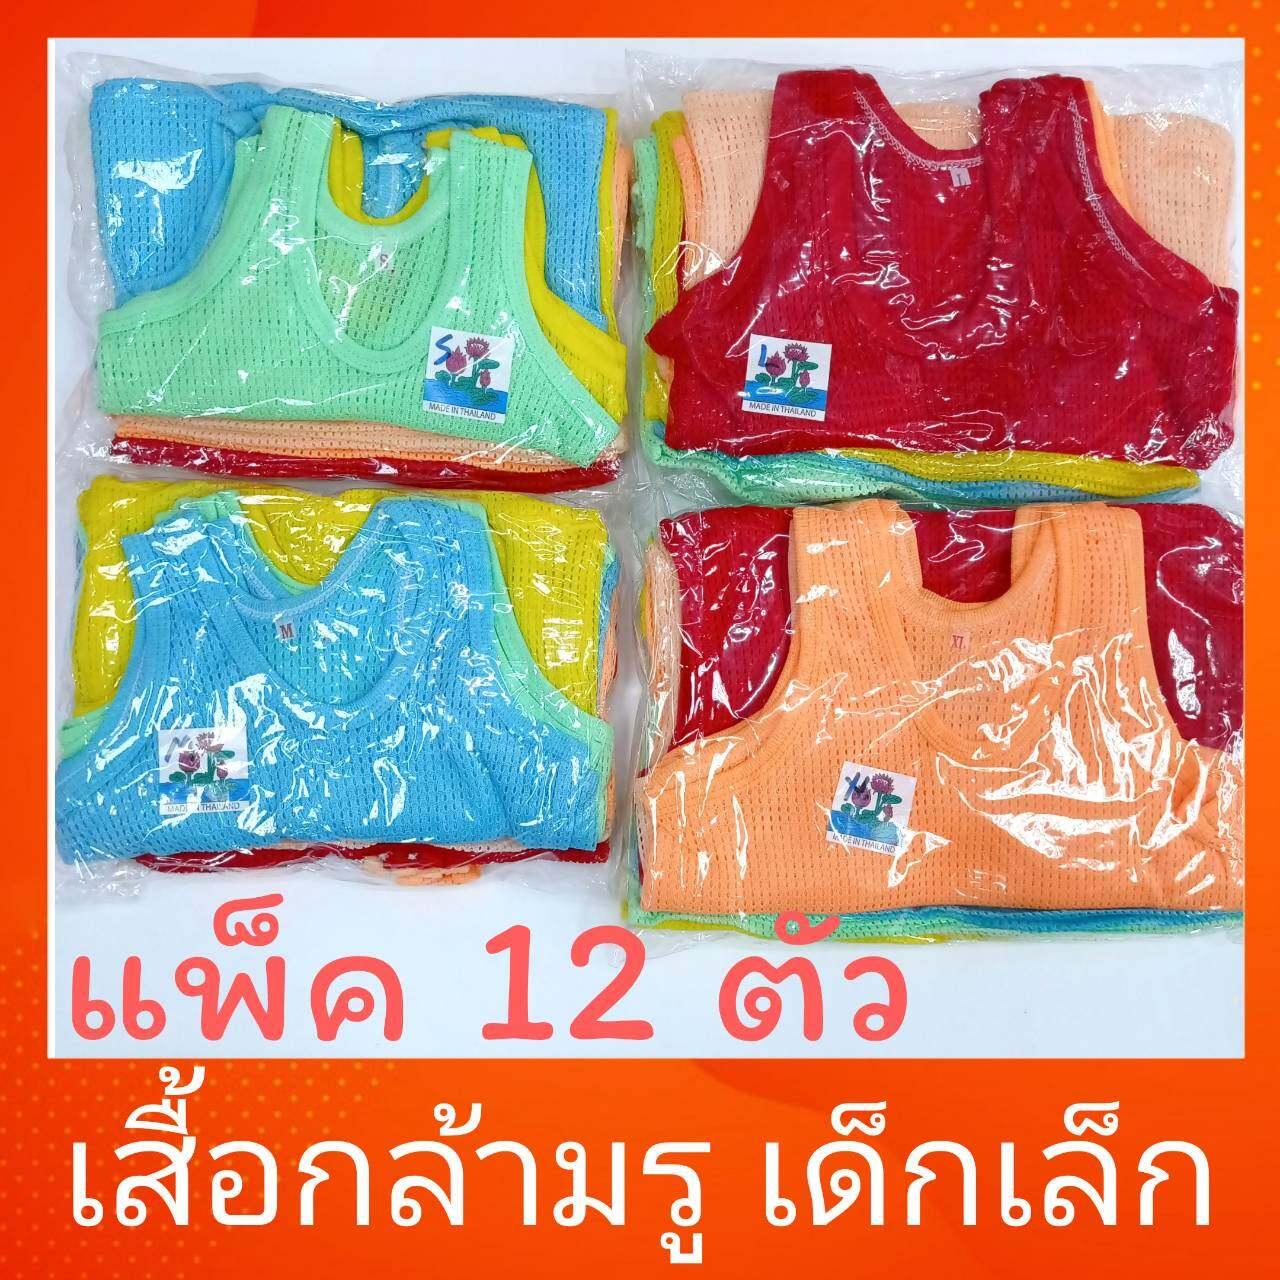 เสื้อกล้ามรู เสื้อกล้ามเด็ก (แพ็ค12ตัว) เสื้อกล้ามมีรู เสื้อกล้ามตาข่ายเด็ก แพ็ค 1 โหล  เสื้อกล้ามเด็กอ่อน 1-18 เดือน เสื้อกล้ามรูเด็ก.